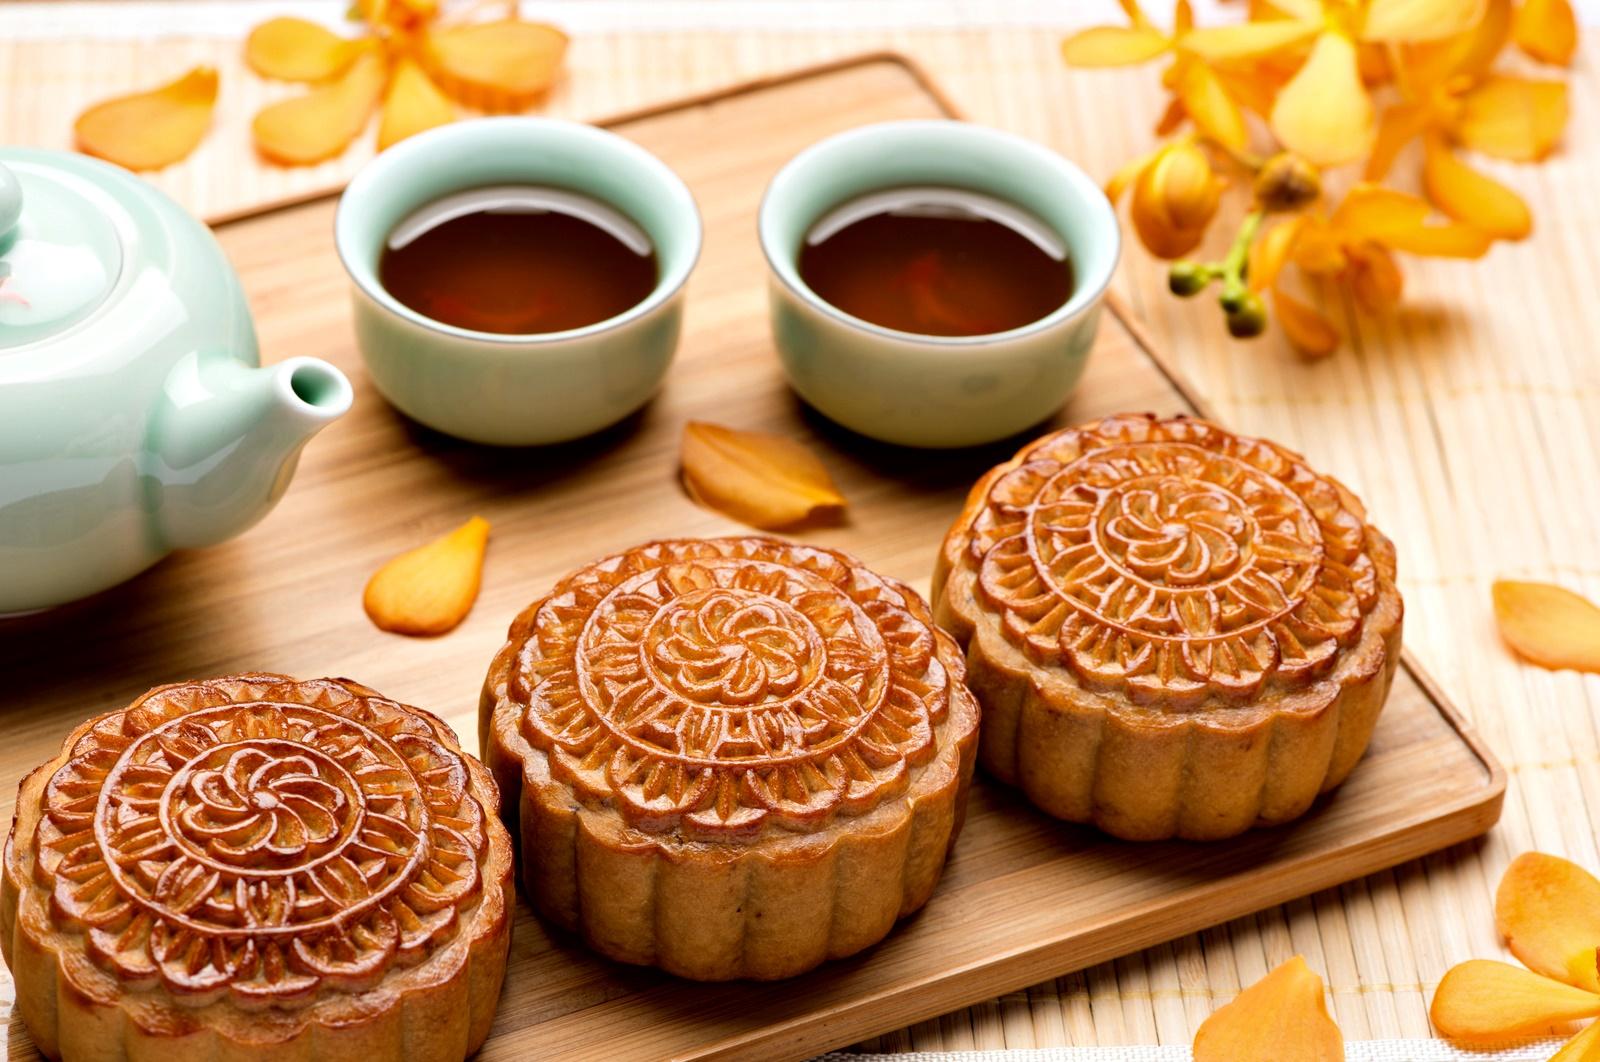 """Китайците също имат своя Ден на благодарността. Той се нарича Празник на средната есен или Фестивал на жътвата и се пада на 15-я ден от осмия лунен цикъл за годината.<br /> На този ден китайското семейство се събира за тридневно пиршество, включващо специален кекс, по-известен като """"лунен кейк"""". Цялото семейство наблюдава пълнолунието на празника, пее песни и рецитира поезия за него. Във Виетнам също имат подобен празник."""